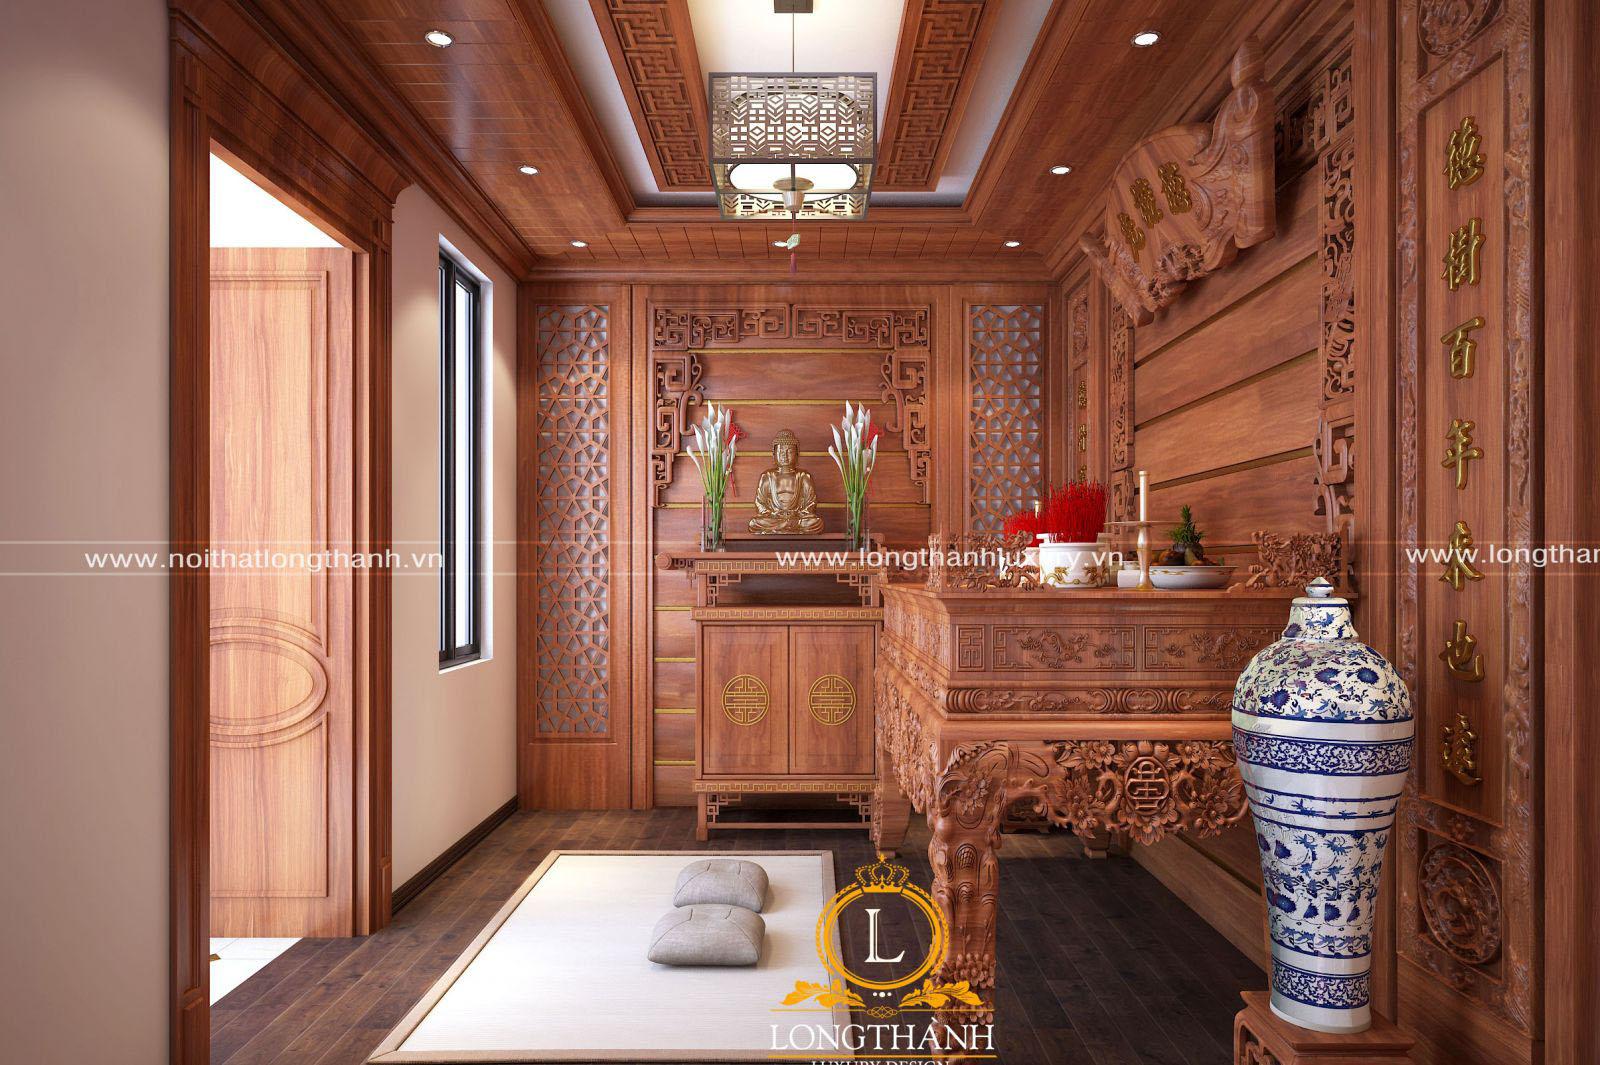 Trần phòng thờ màu gỗ gõ đỏ tự nhiên kết hợp đồng bộ với màu sắc cả không gian